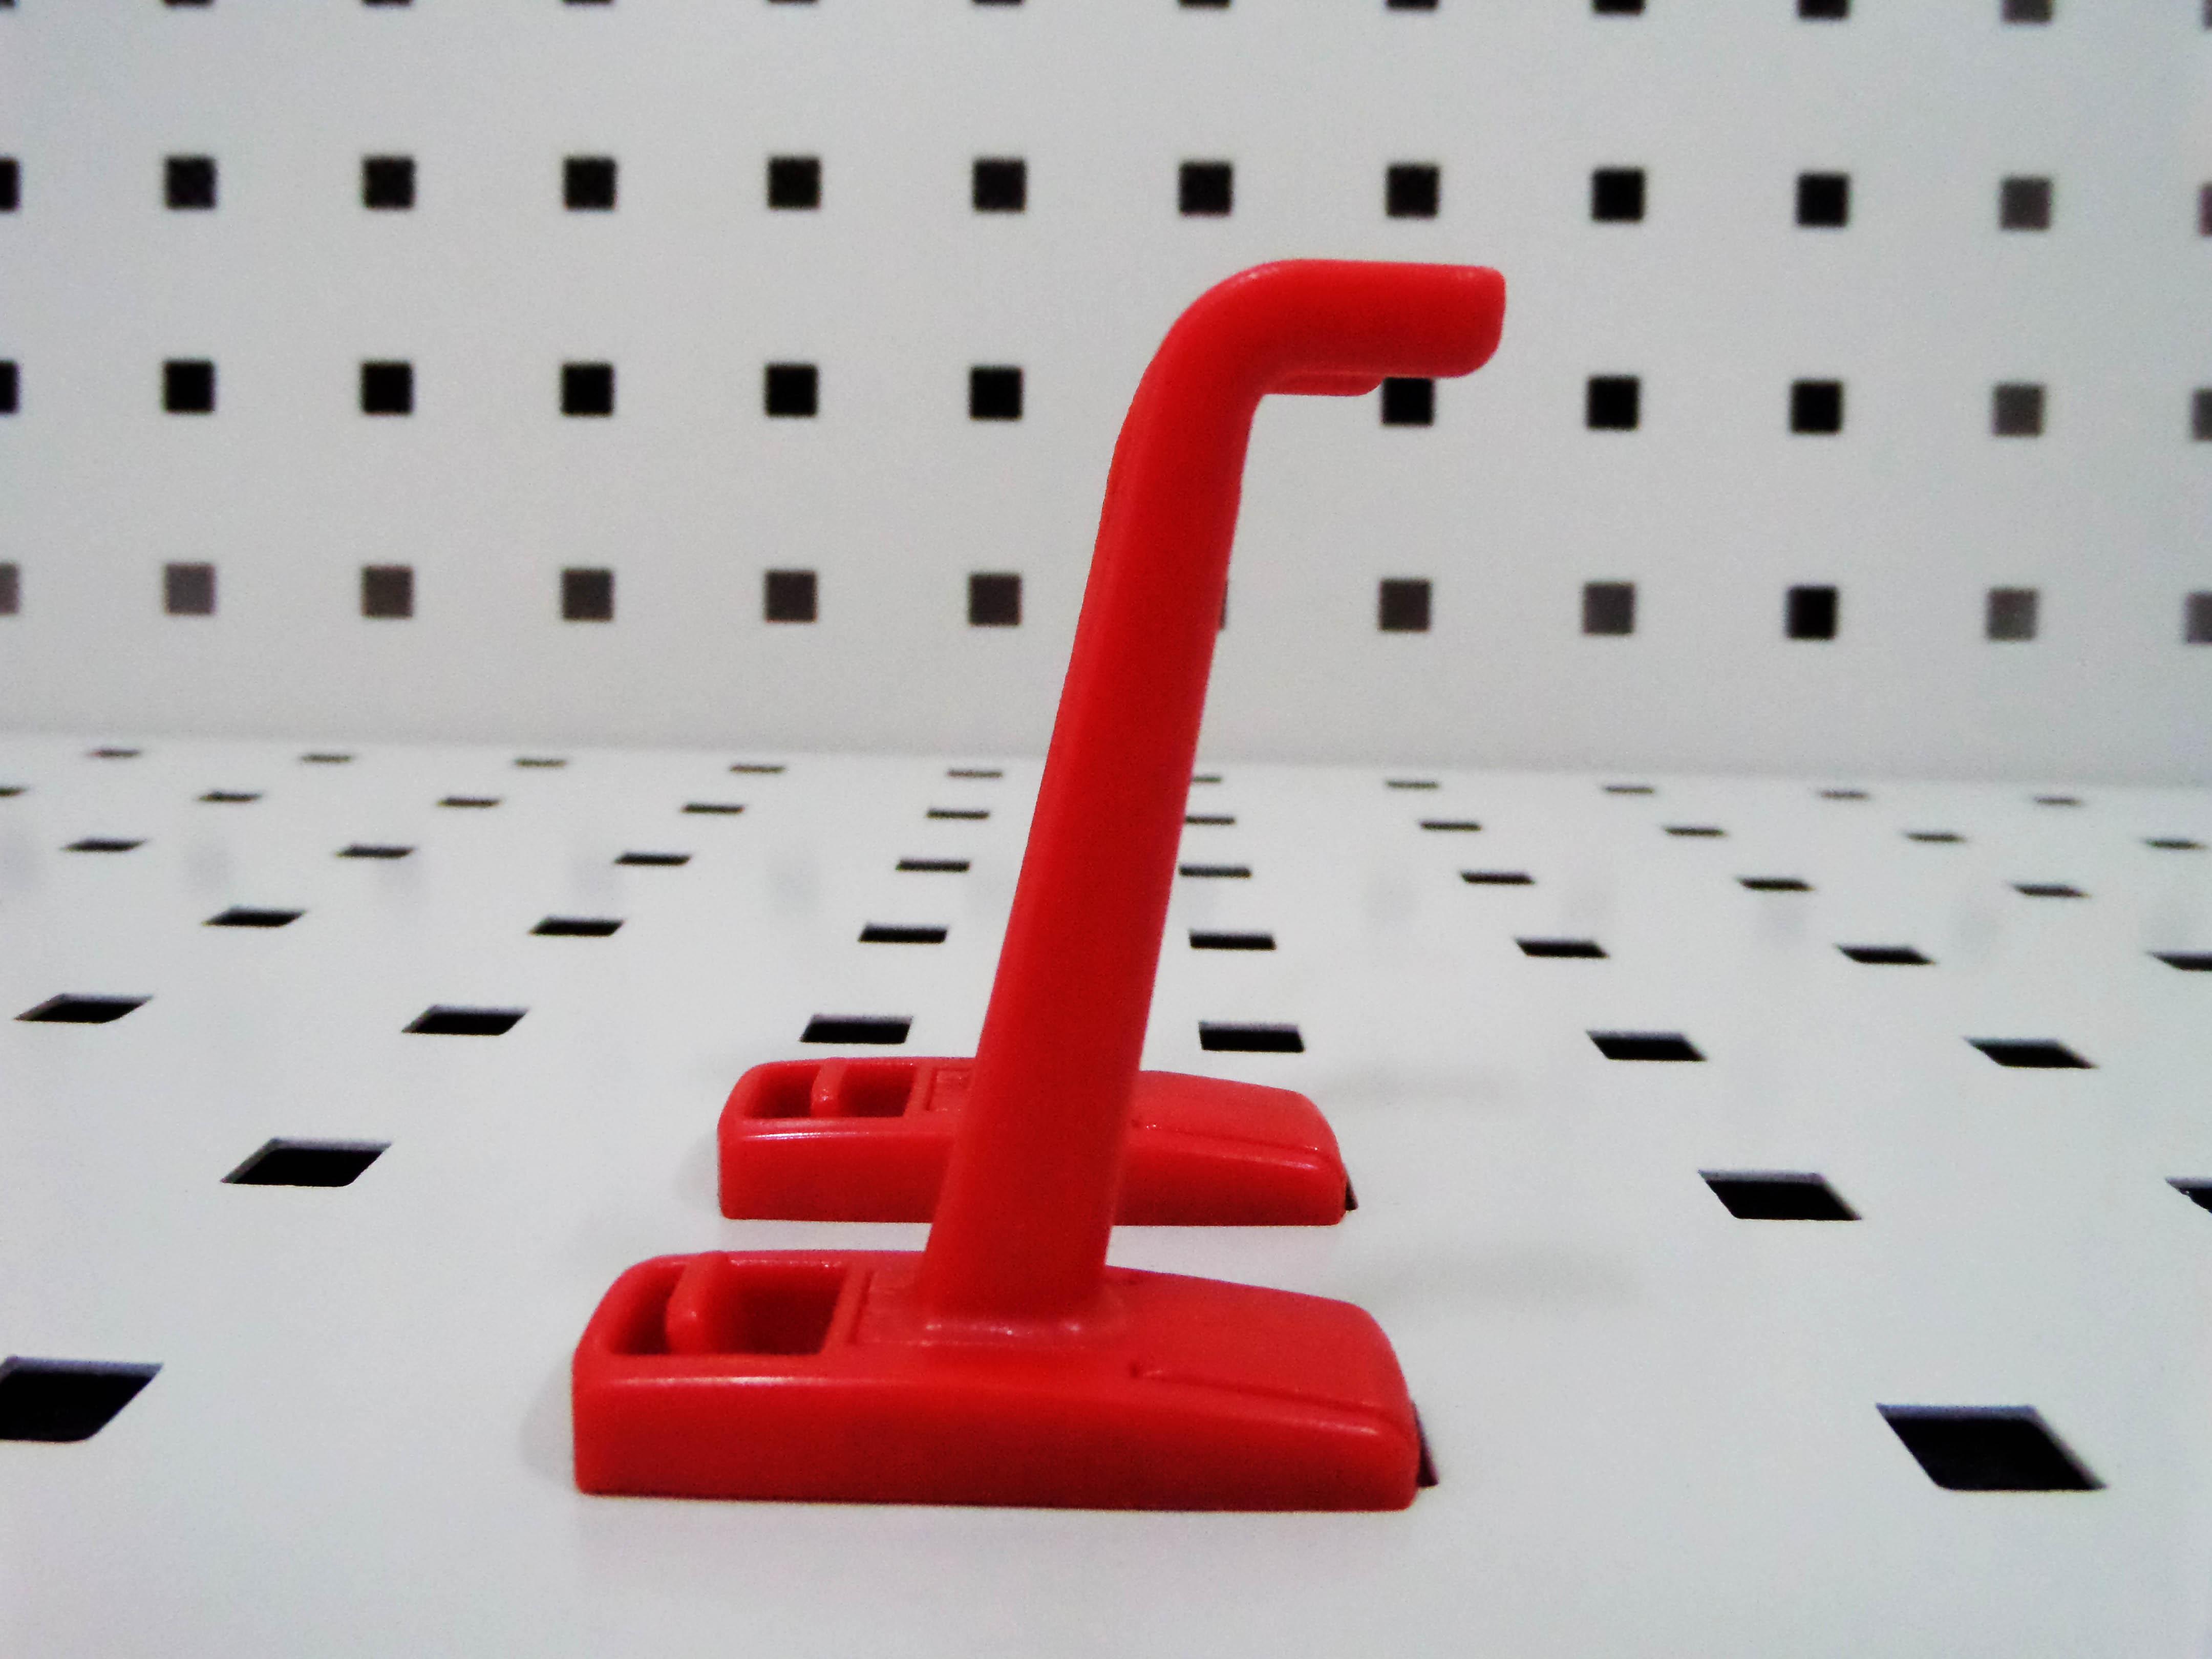 【万禾兴渝】方孔洞洞板中型钩方孔塑料挂钩方孔挂板挂钩塑料单钩